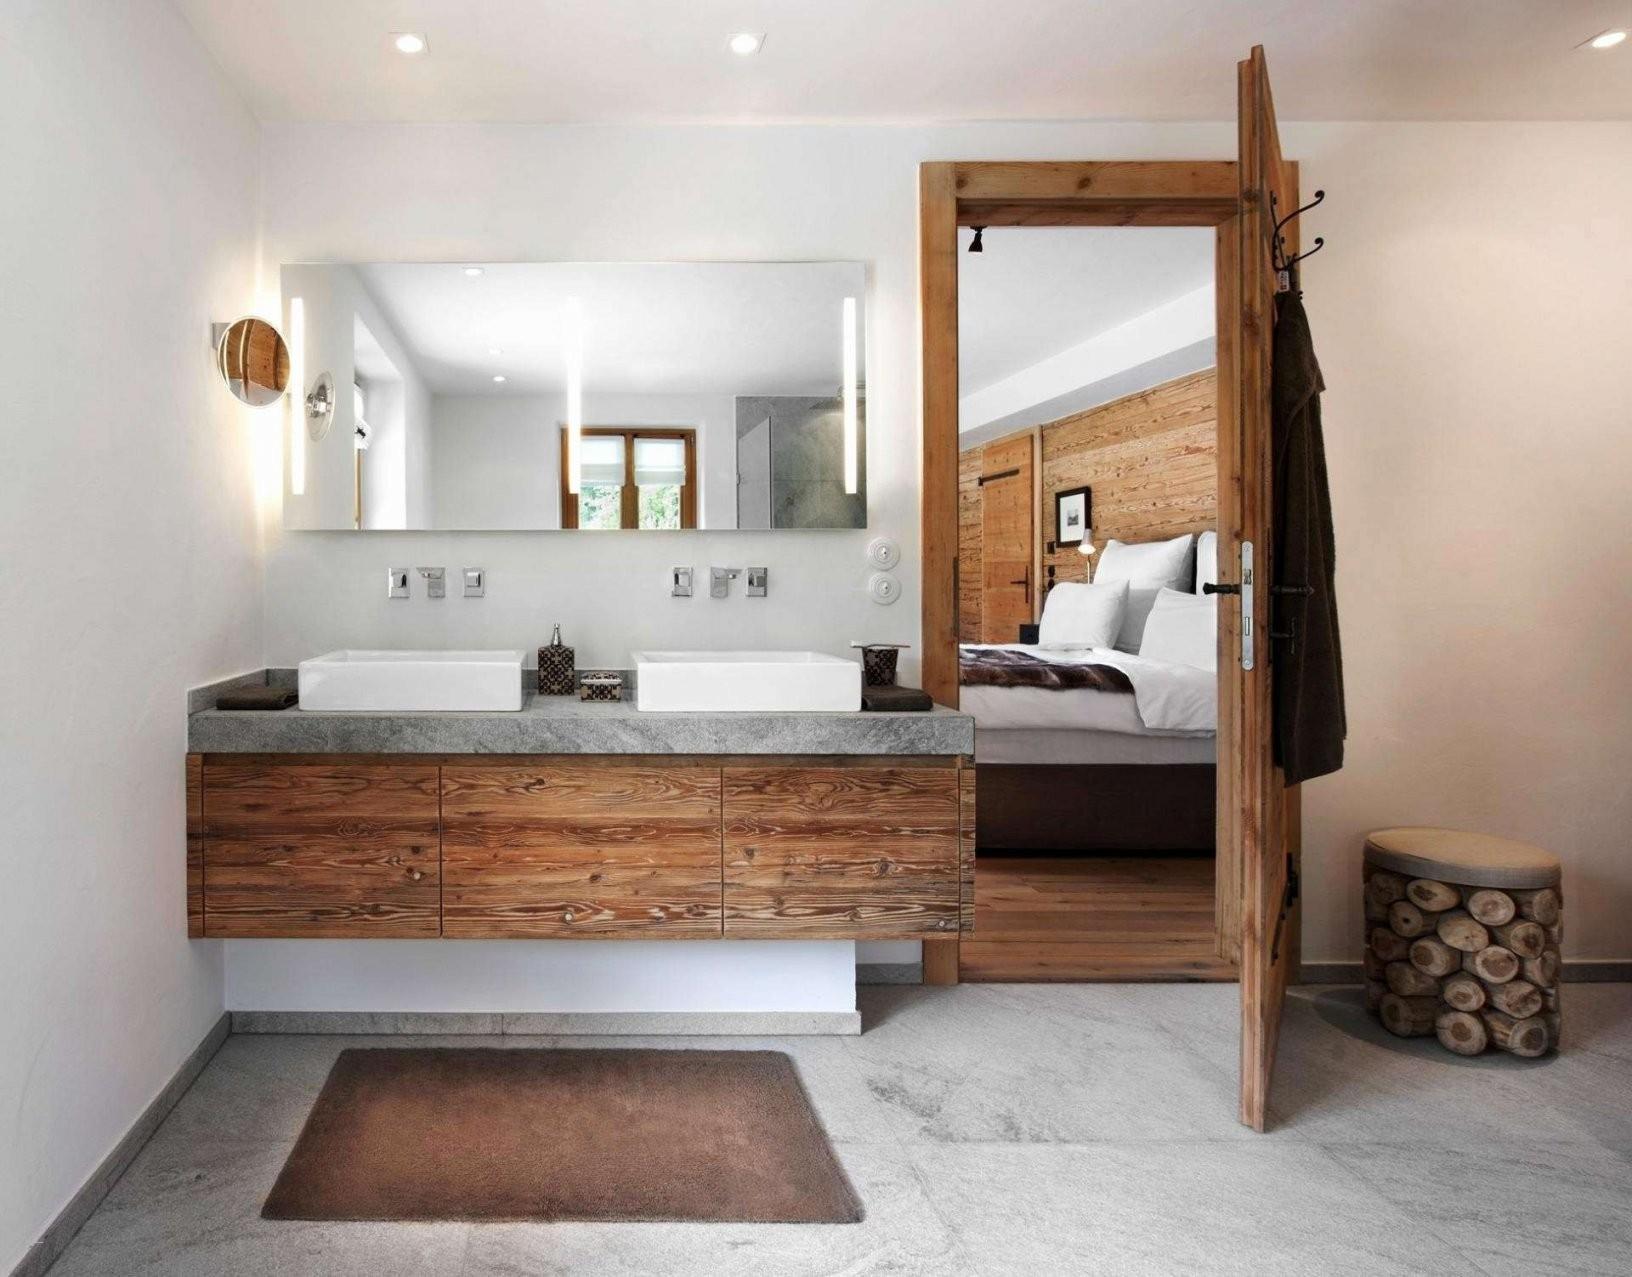 Moderne Toiletten Für Kleine Bäder Beeindruckend Scha¶N Waschbecken von Waschbecken Für Kleine Bäder Photo